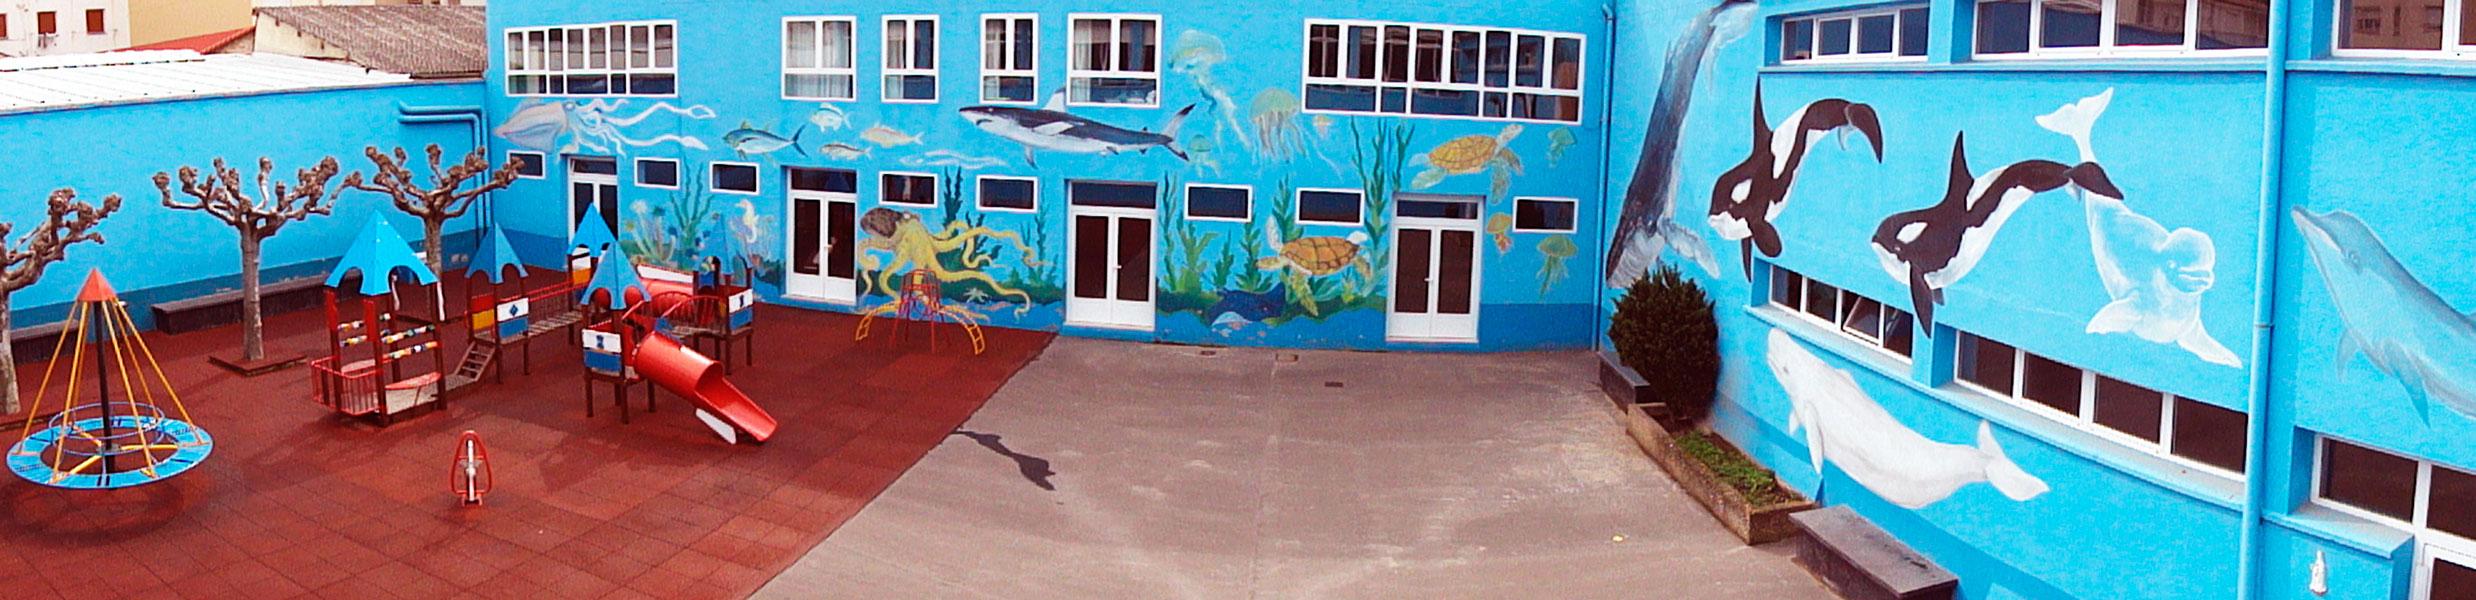 colegio-nino-jesus-patio-azul-iinstalaciones